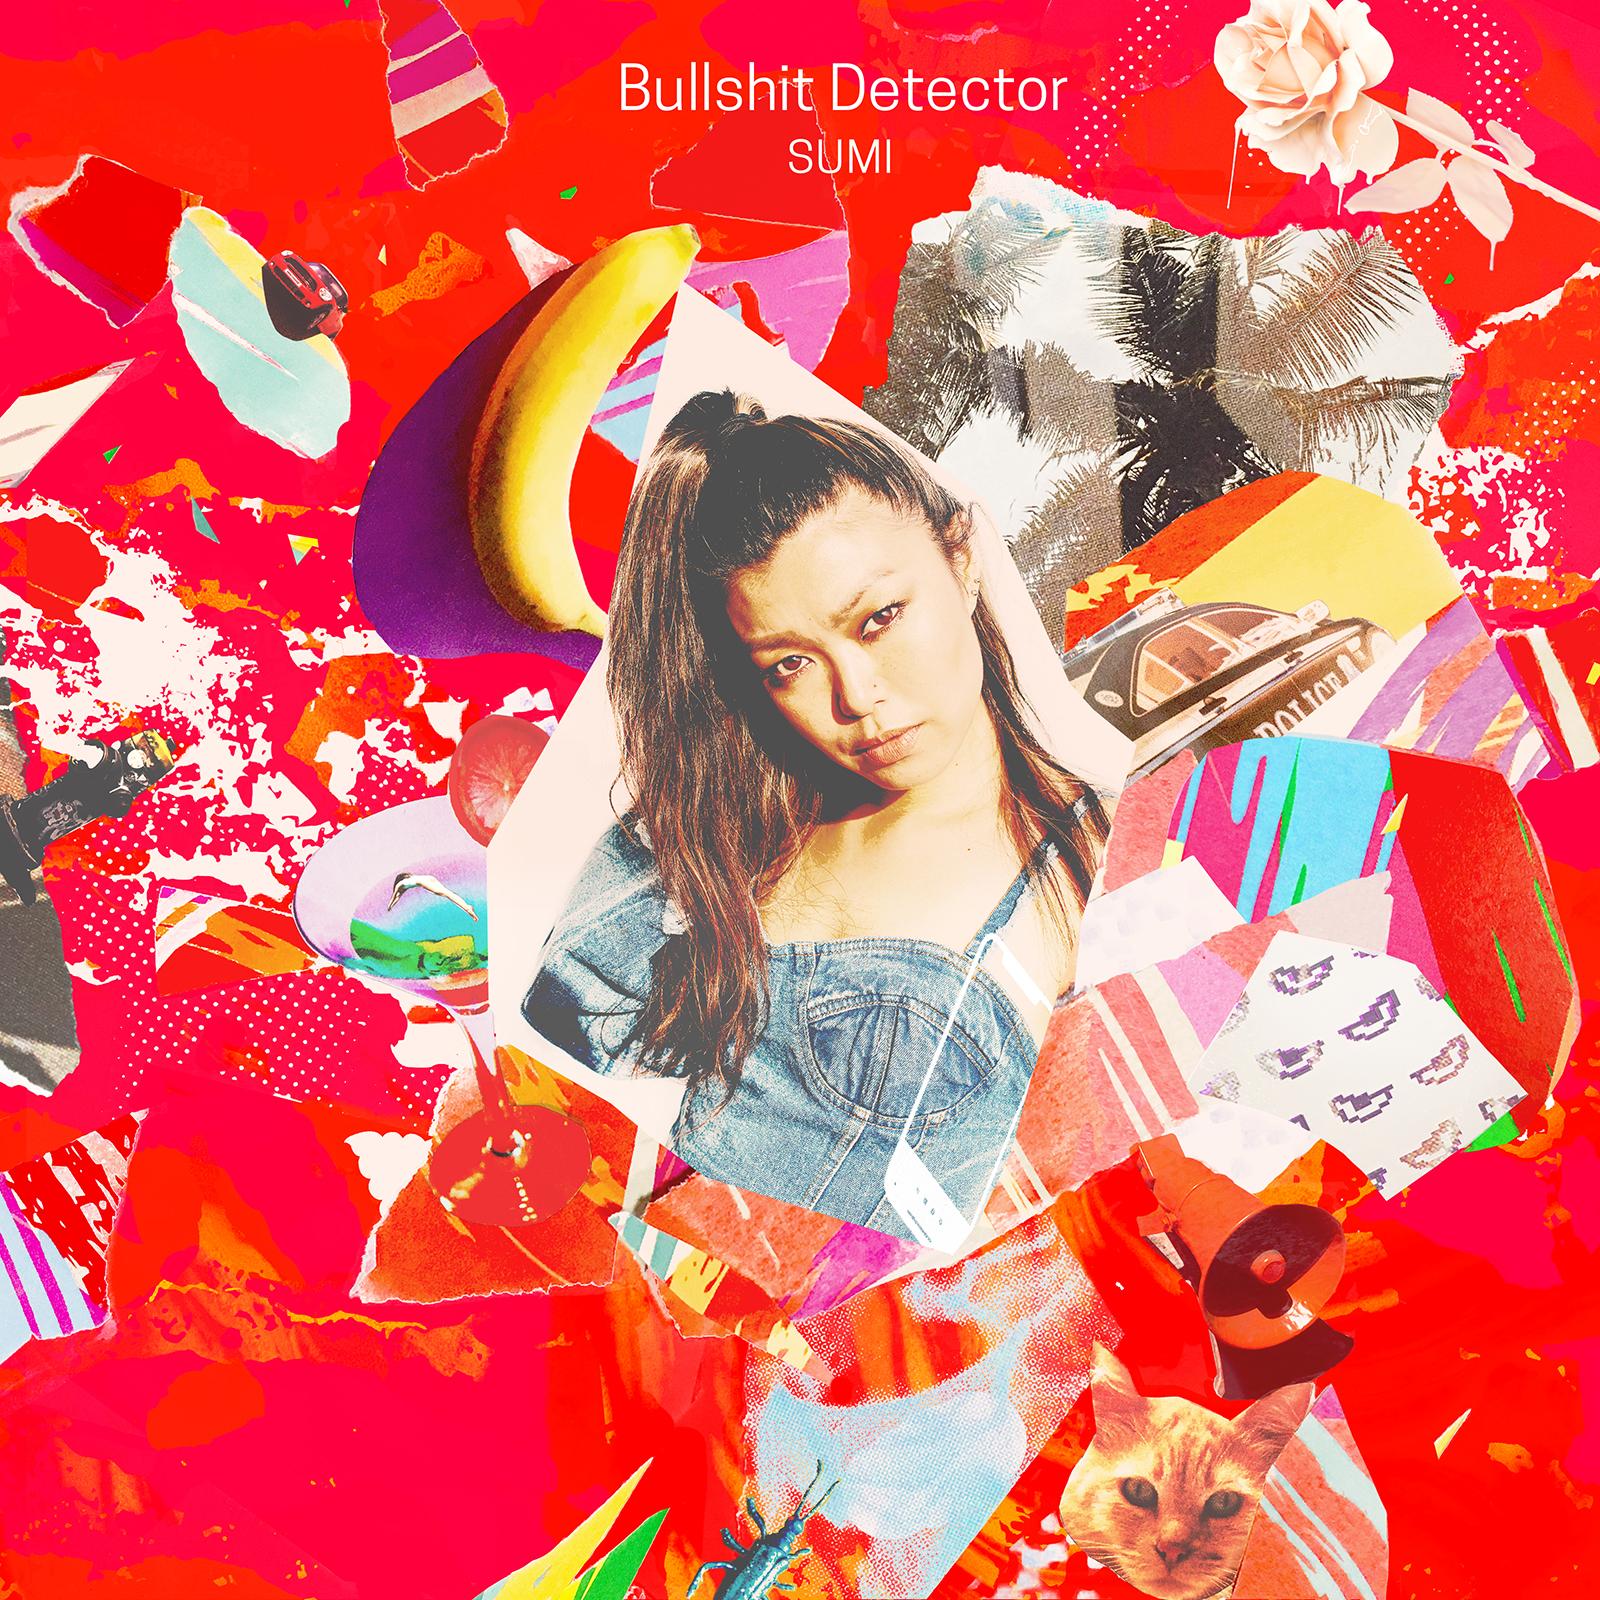 Cover_Bullshit Detector_Sumi_Red.jpg